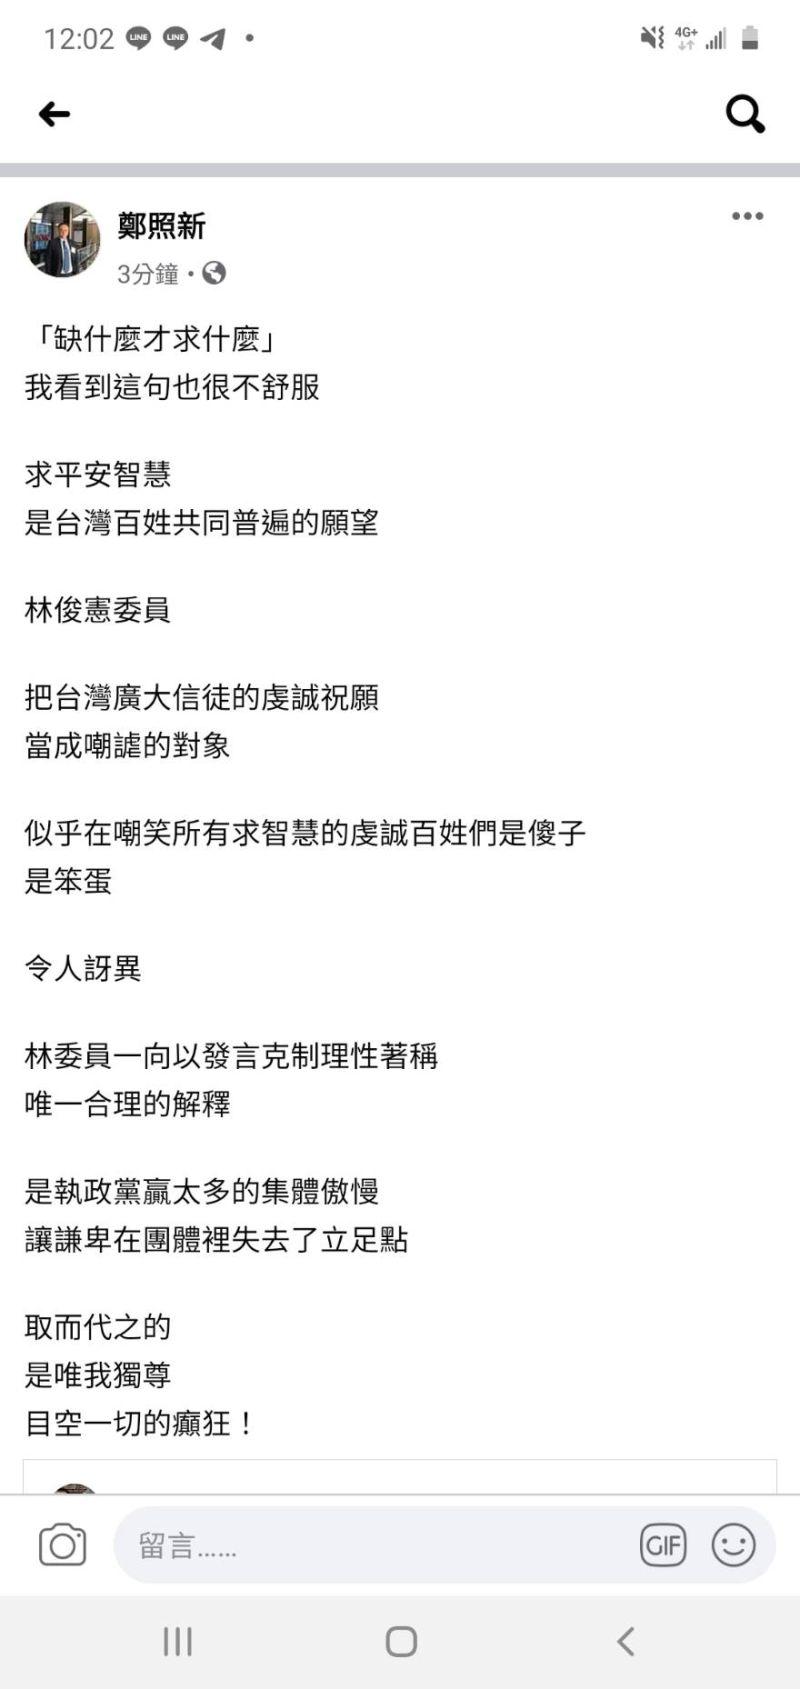 ▲▲李眉蓁競選總部發言人鄭照新表示,林俊憲把台灣廣大信徒的虔誠祝願當成嘲謔的對象令人訝異。(截自鄭照新臉書)